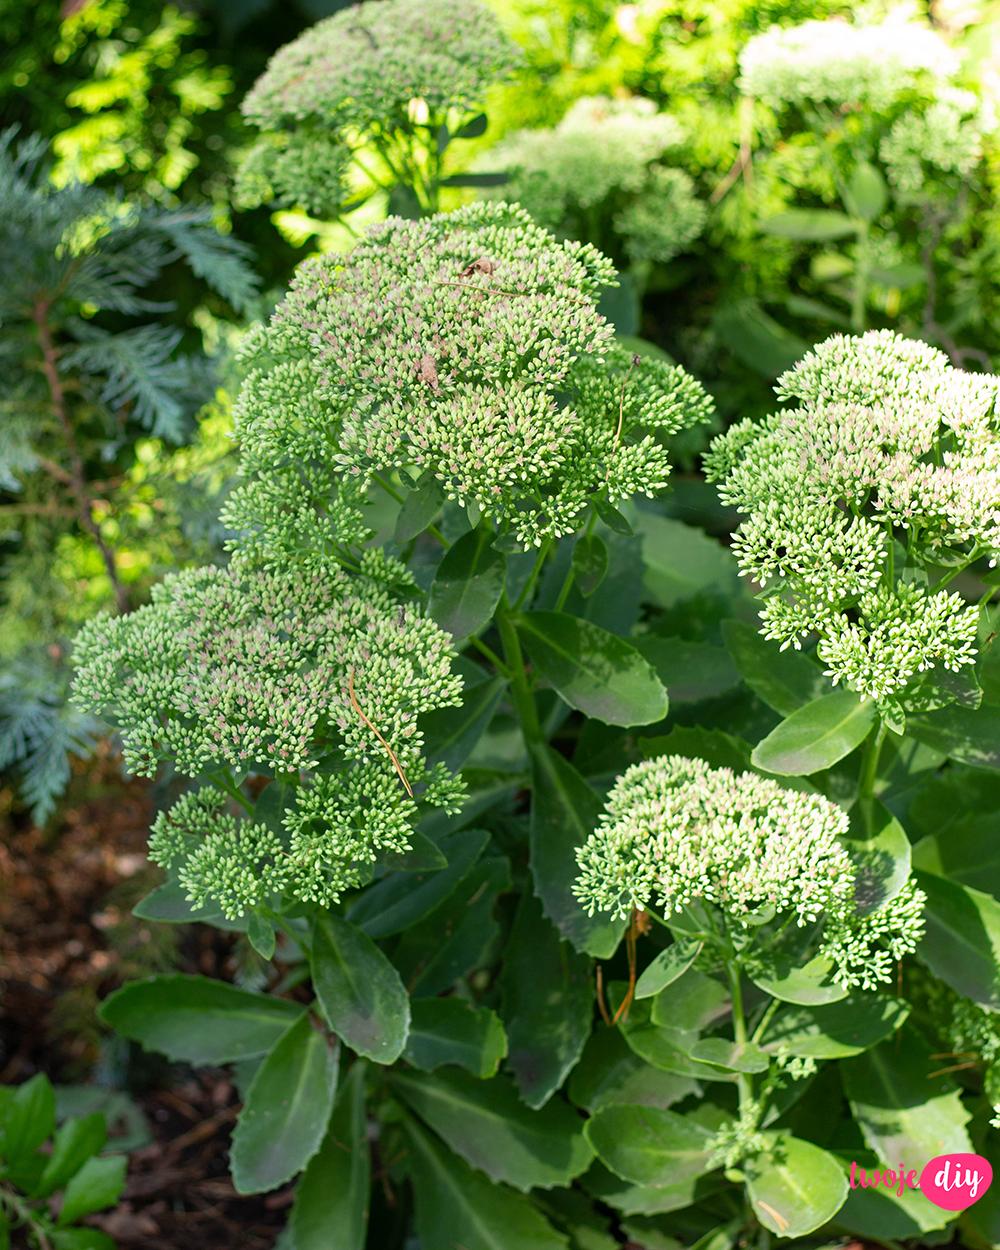 19 Roslin Ktore Beda Rosly W Zacienionych Miejscach Twoje Diy In 2020 Shade Garden Plants Backyard Garden